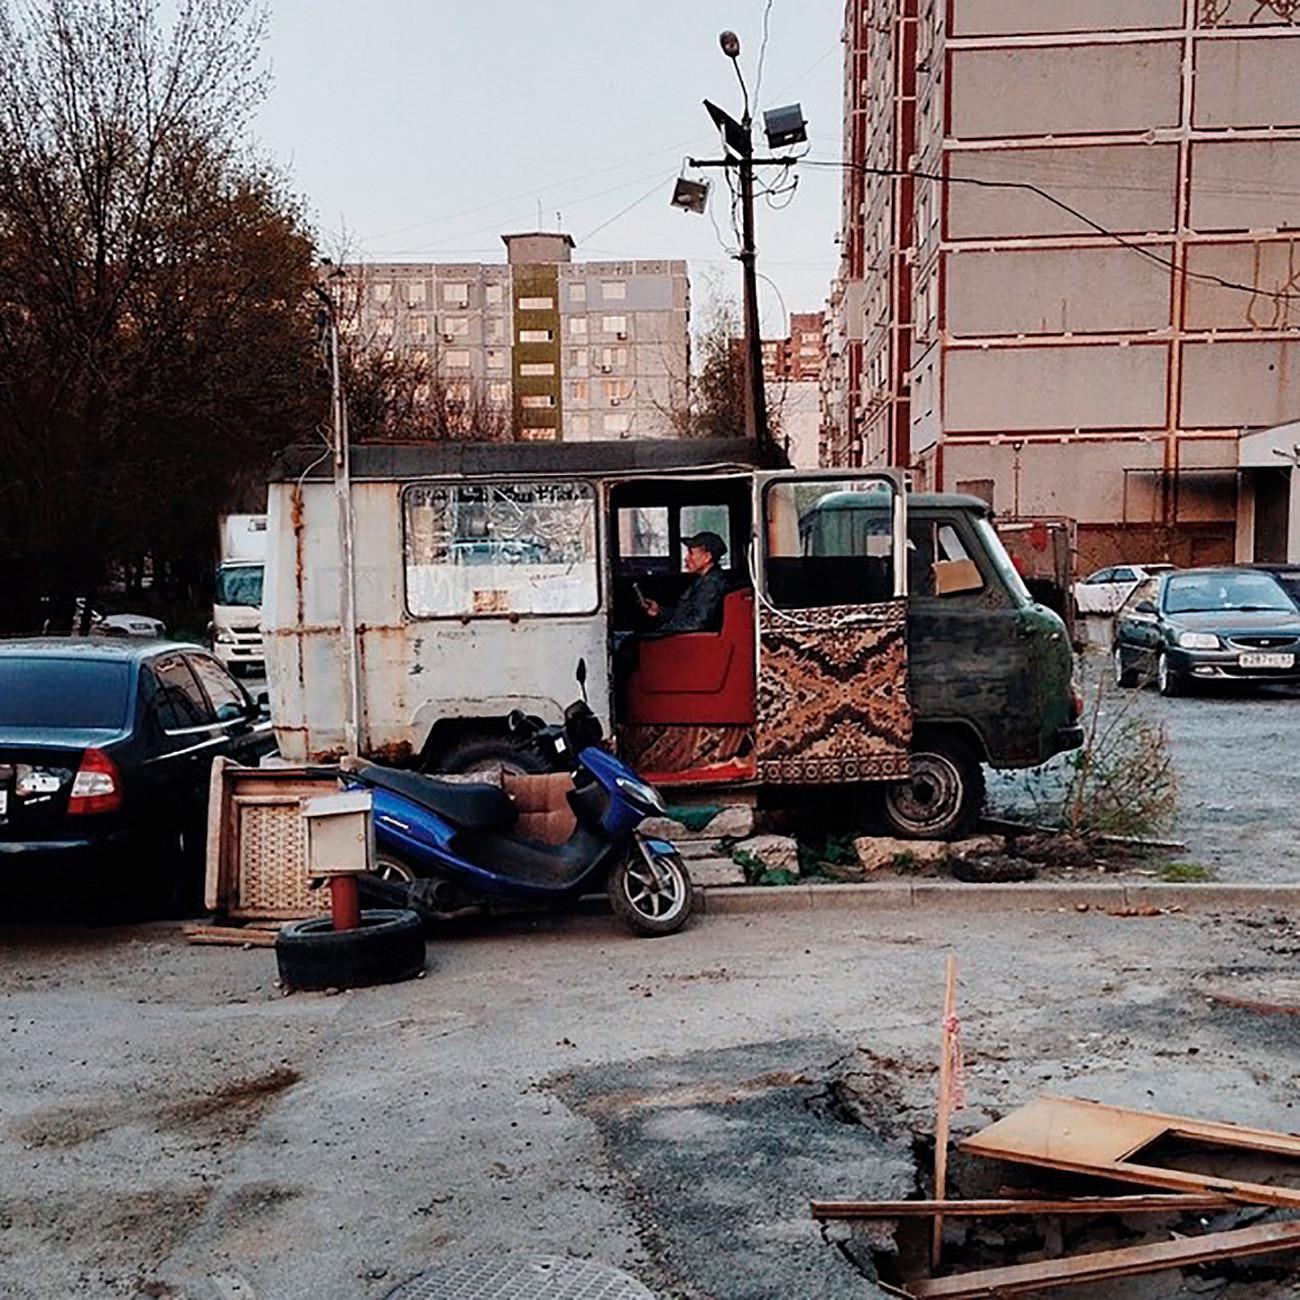 """""""Наш друг Саша из Ростова на Дону је изнајмио прелепу собу. Није далеко од центра а у близини је супермаркет 'Магнит'. Има ТВ и кауч. Код њега може и да се преноћи. Саша онда спава у возачкој кабини."""""""